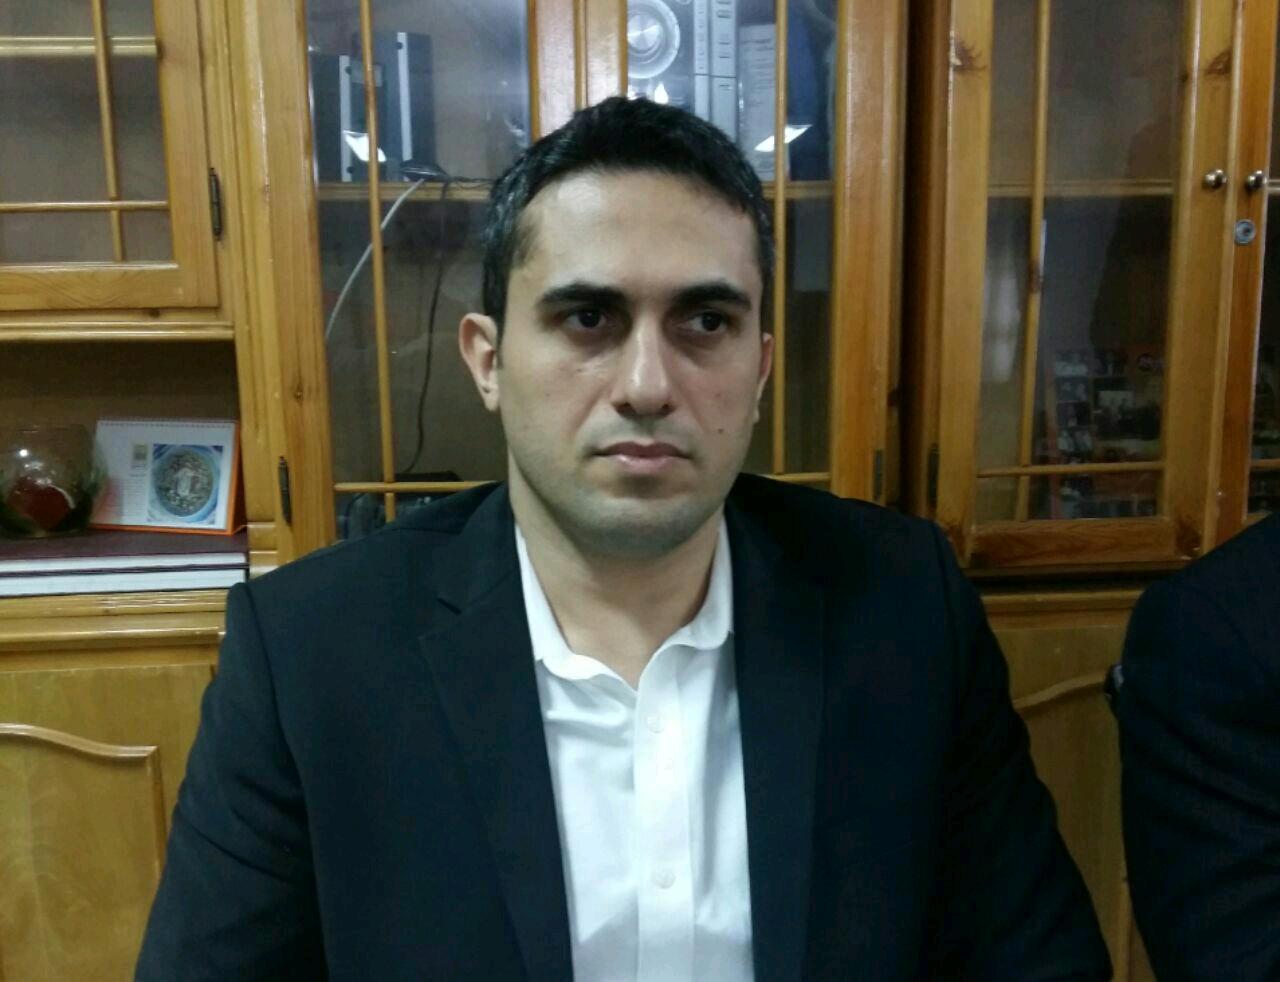 انتخاب مجدد اصغر ابراهیمی به عنوان رئیس هیئت وزنه برداری گیلان